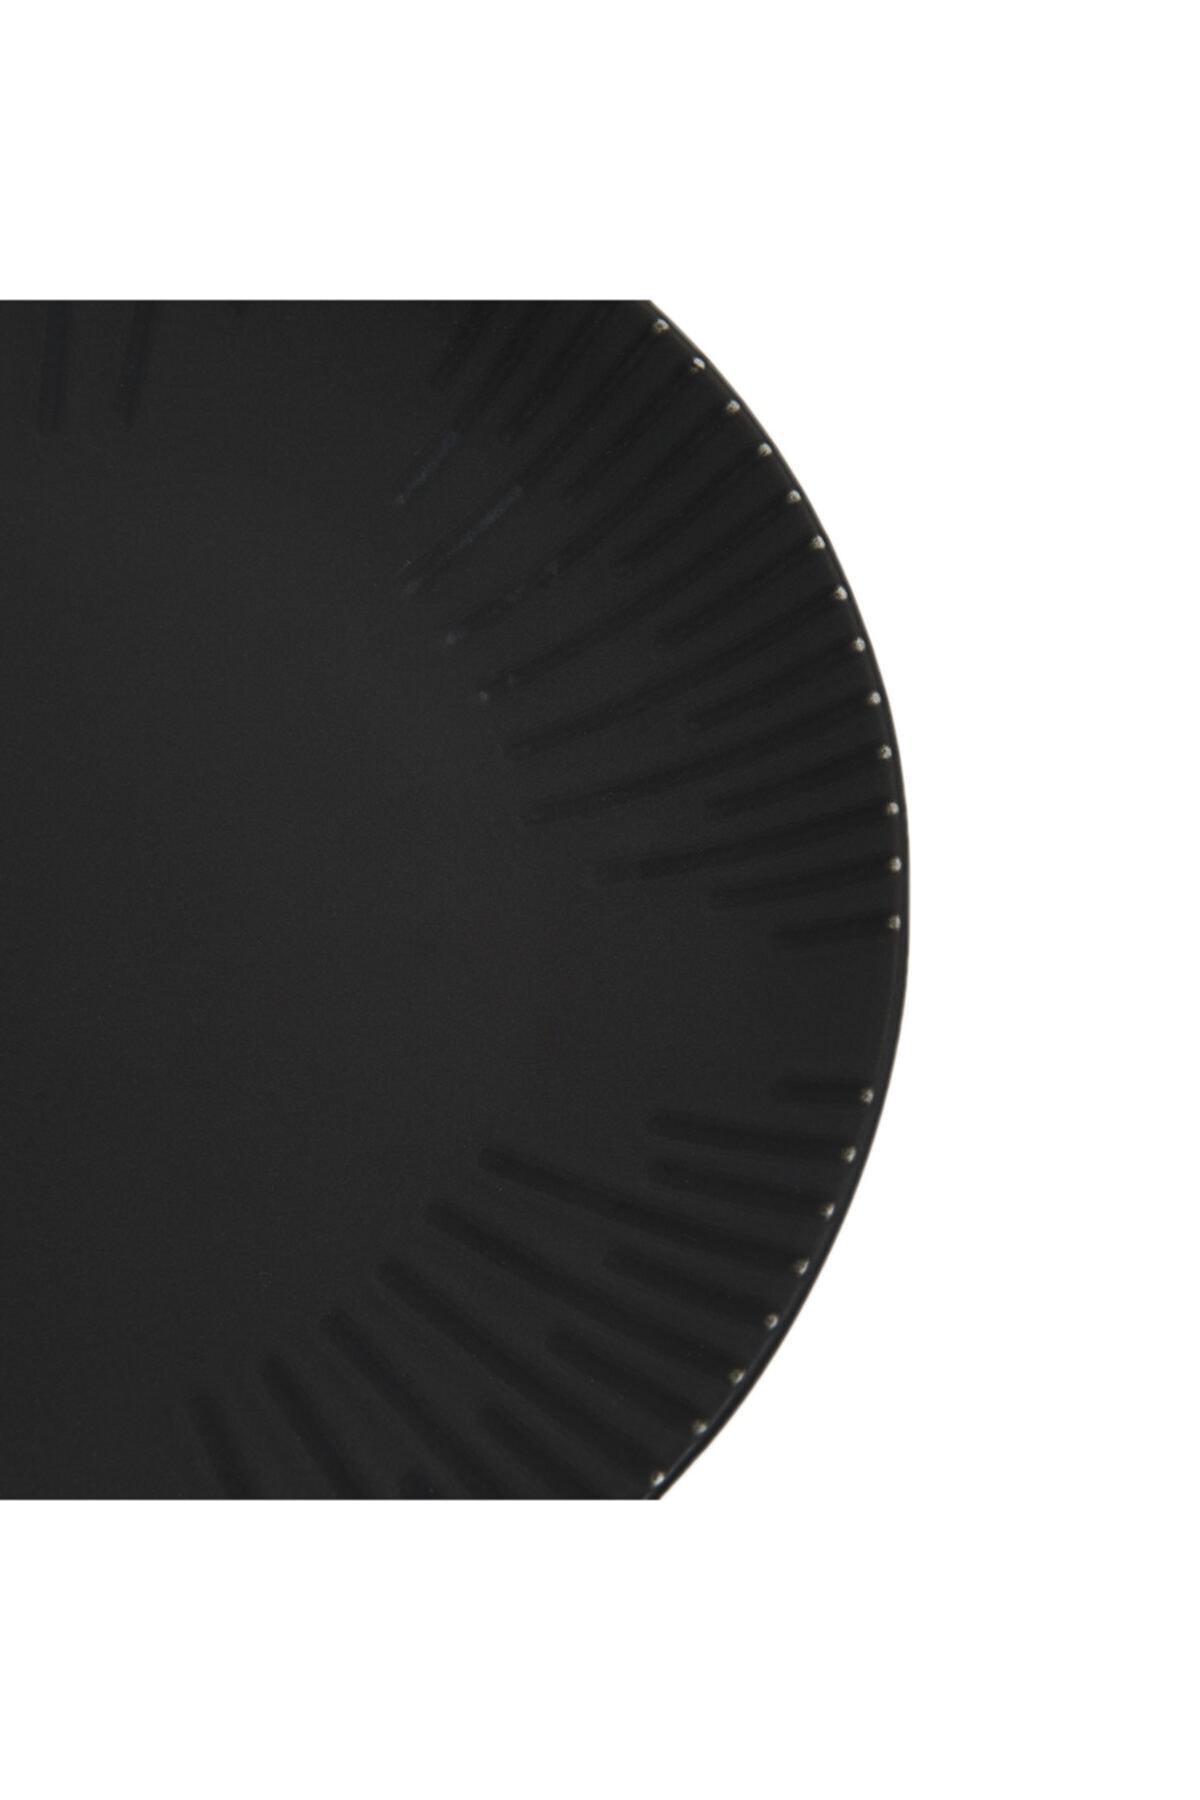 Tulü Porselen Tulu Porselen Mat Siyah Servis Tabağı - 24 Cm